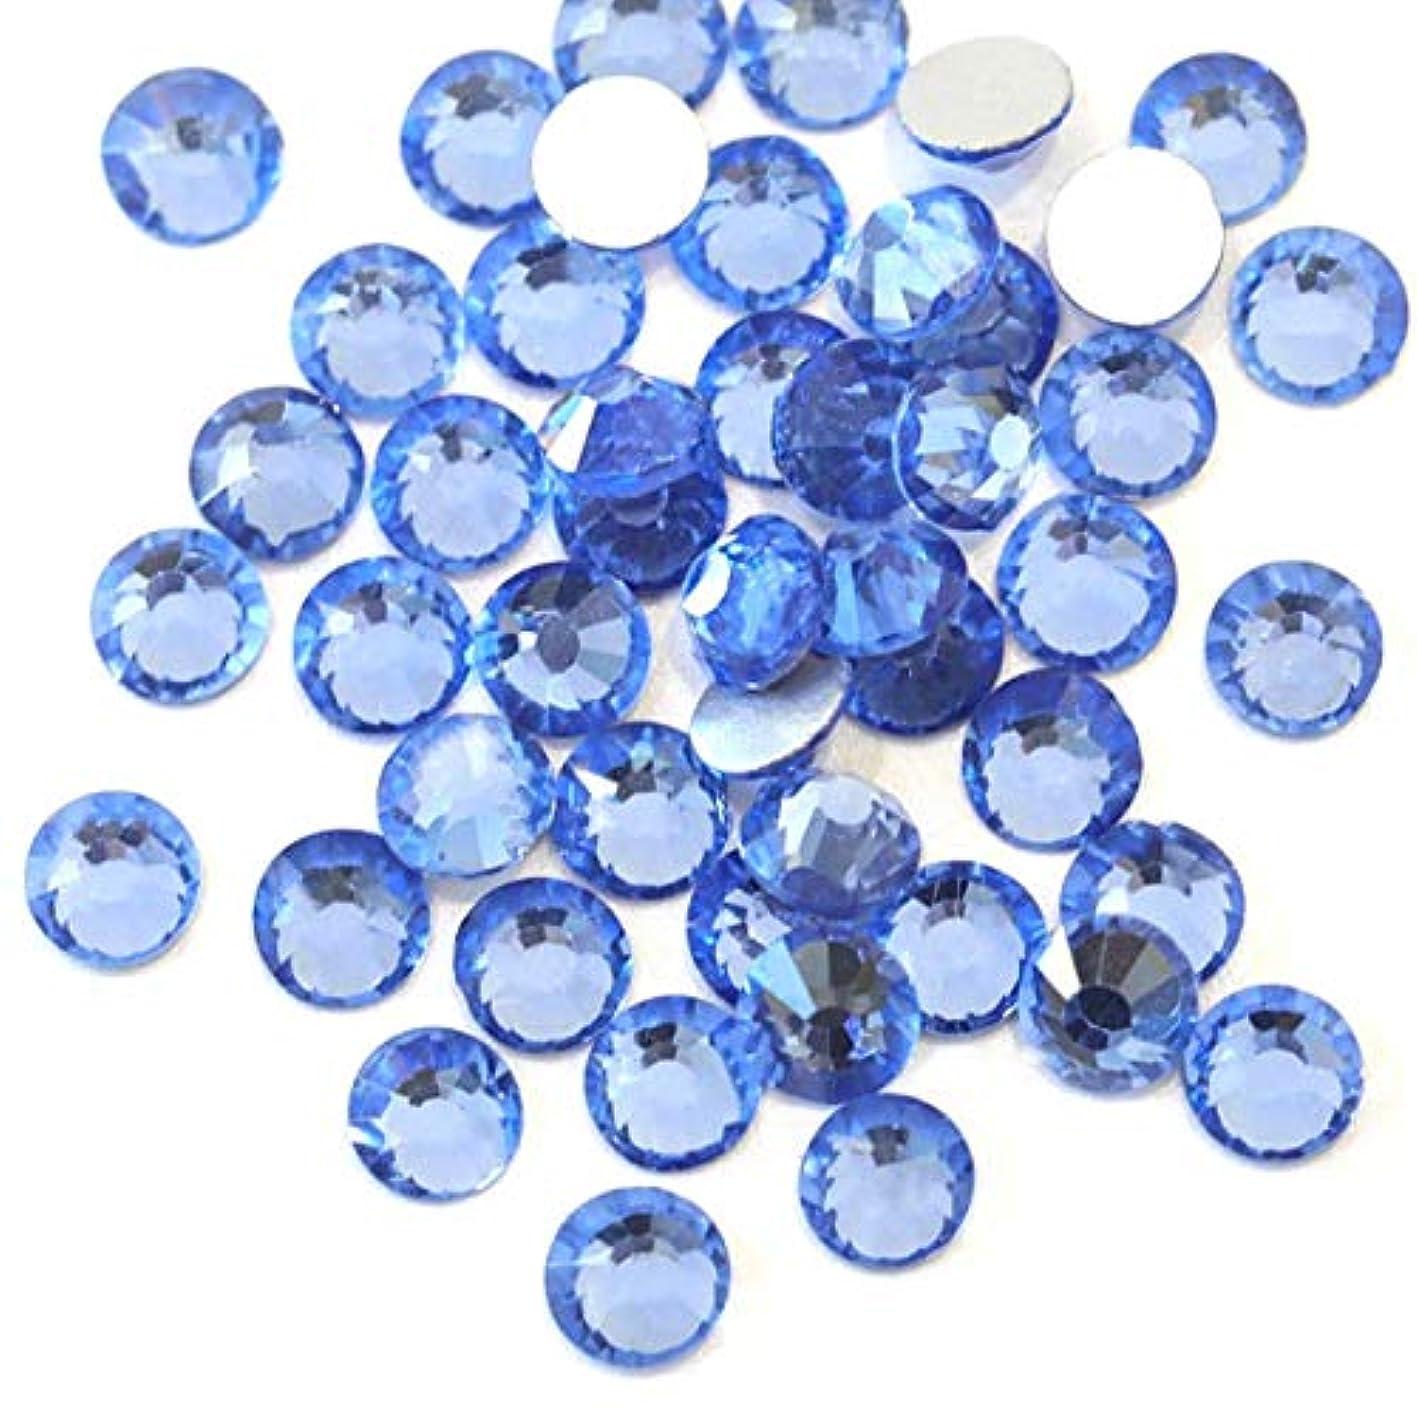 脈拍聴覚障害者地下鉄【ラインストーン77】高品質ガラス製ラインストーン ライトサファイア(2.2mm (SS8) 約200粒)